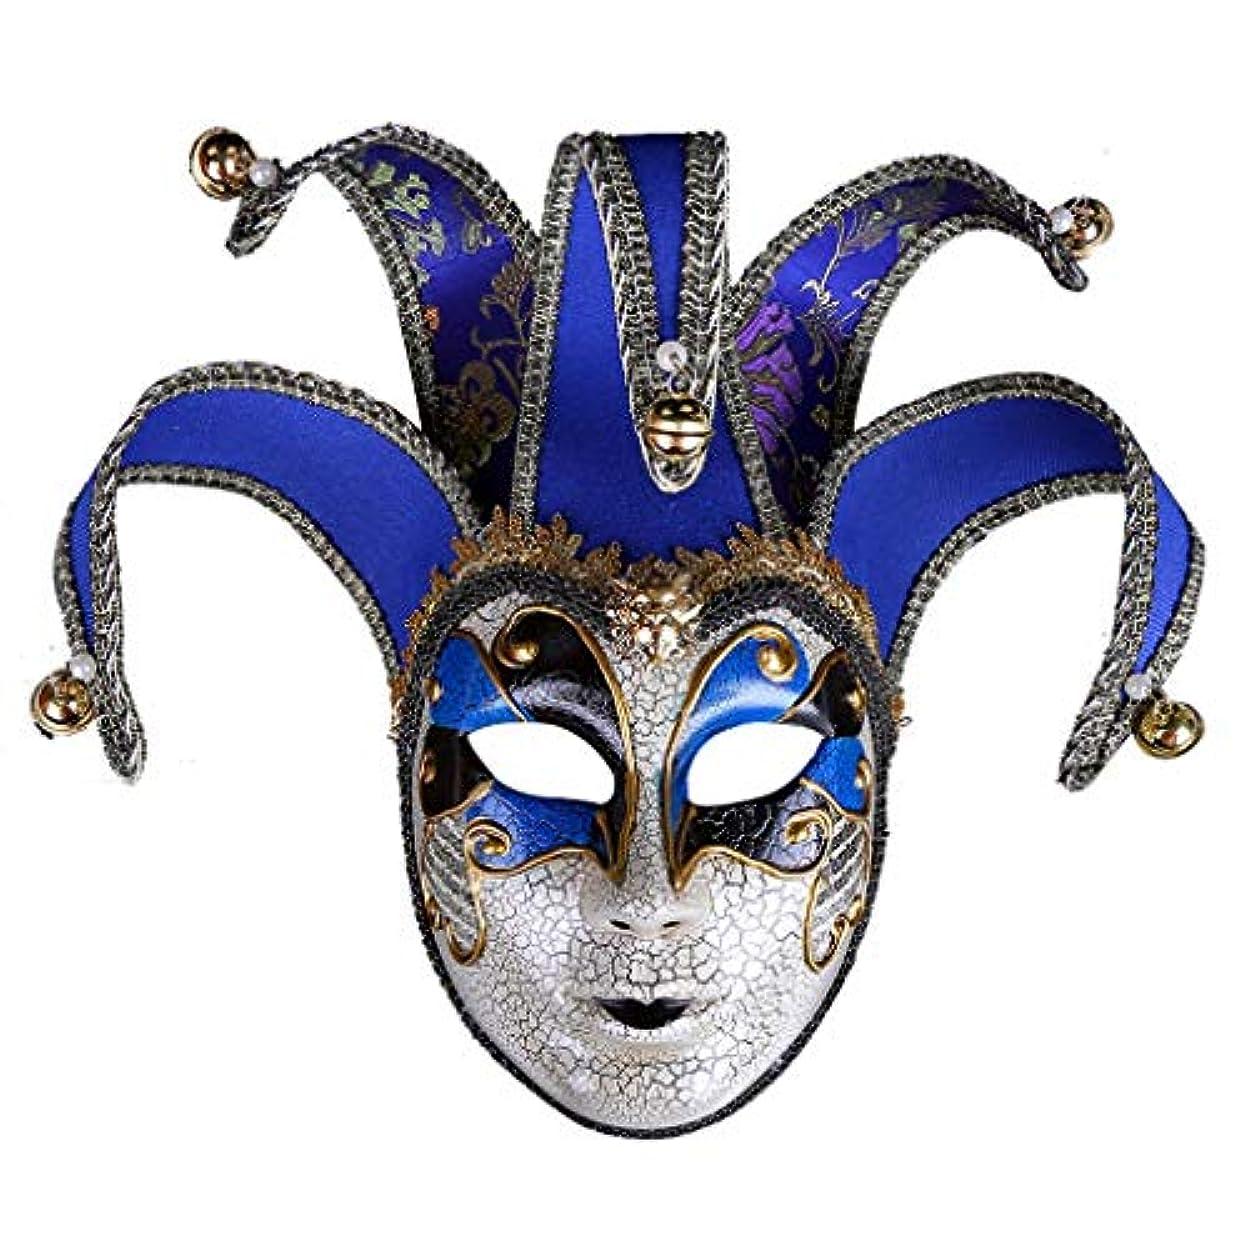 大きい誘導外観ハロウィンマスクヴィンテージマスク女性のアダルトマスクヴェネツィアフェスティバルプロップフェイスデコレーション仮装クリエイティブマスク (Color : BLUE)